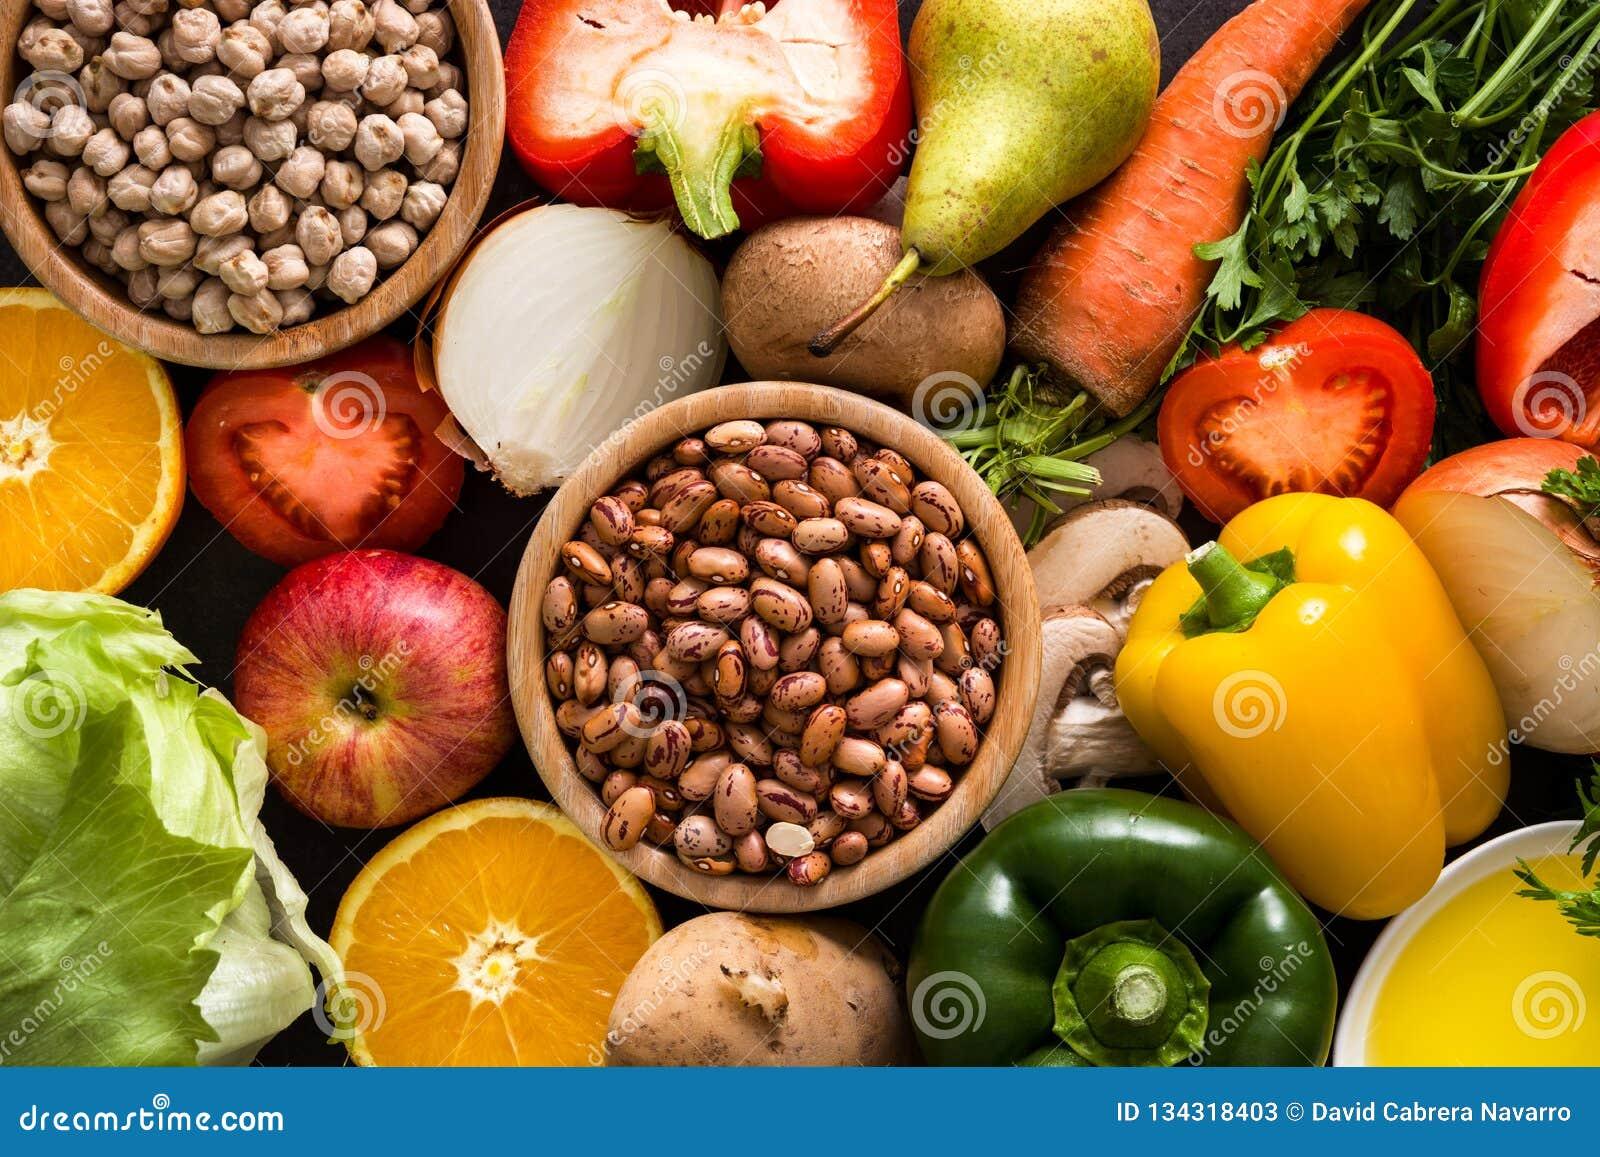 еда здоровая диетпитание среднеземноморское Фрукты И овощи